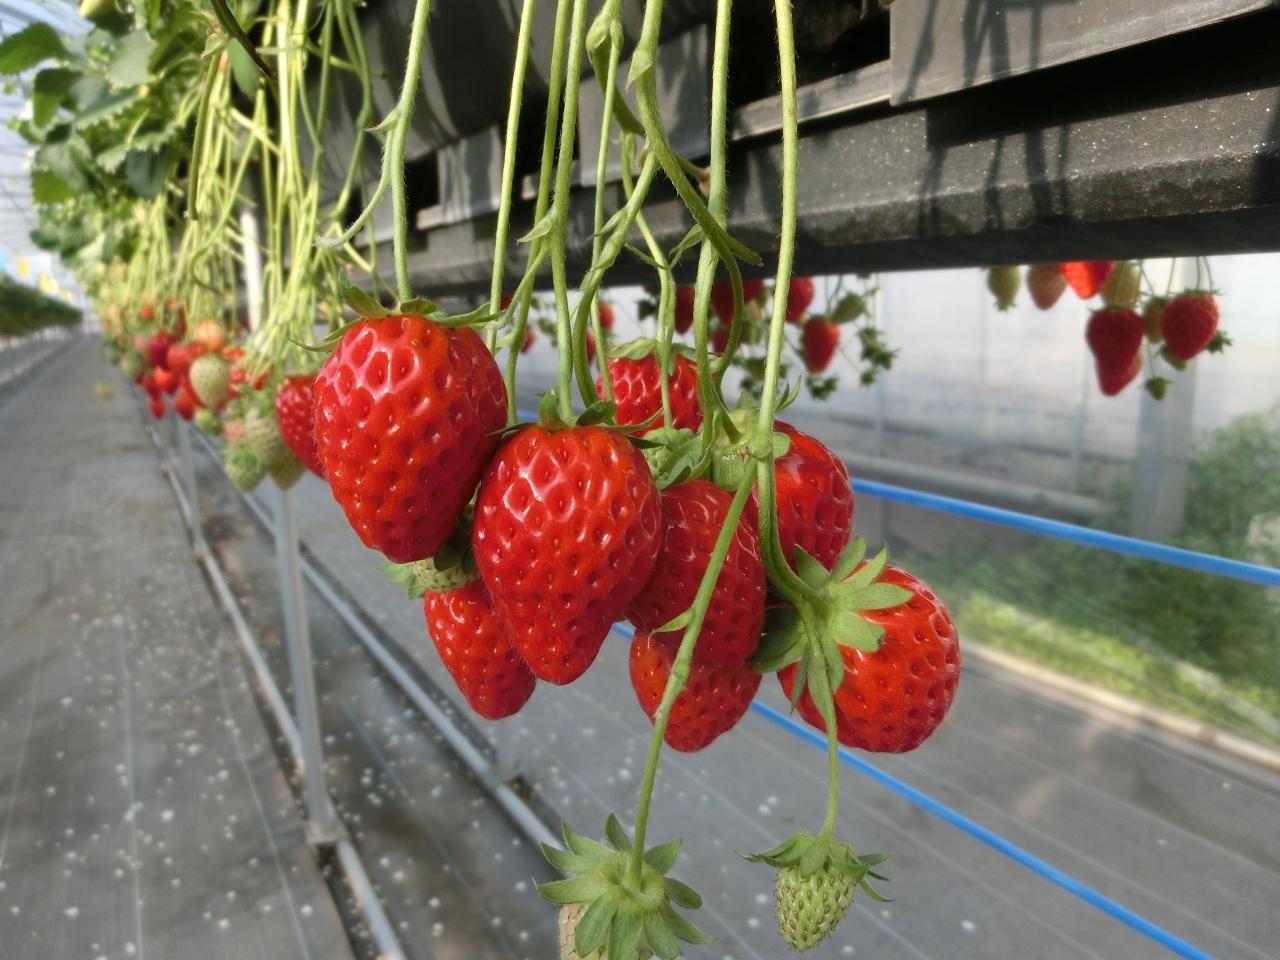 栽培されているのは、章姫と紅ほっぺ